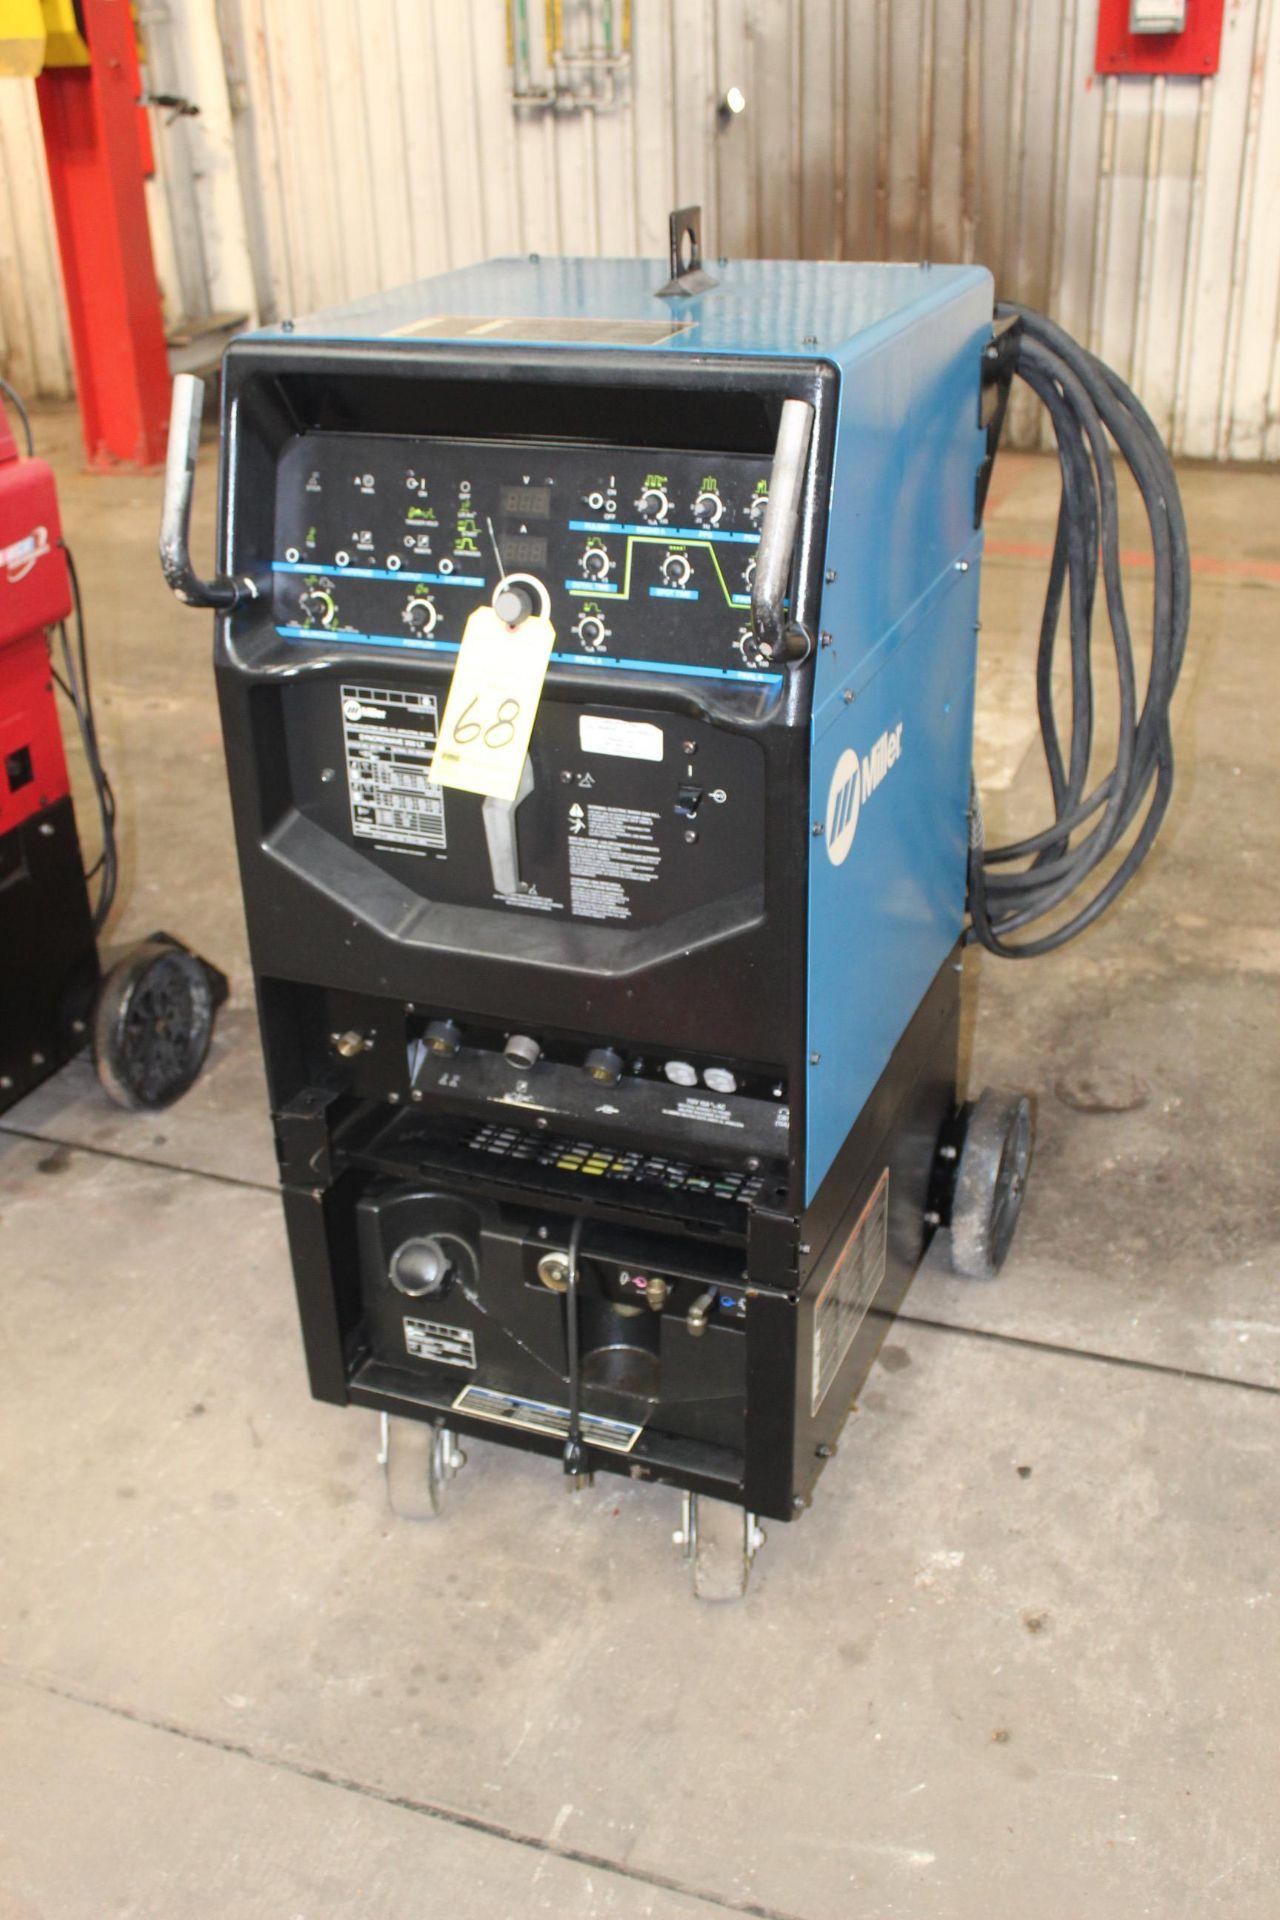 Lot 68 - TIG WELDER, MILLER MDL. SYNCROWAVE 350DX, 250 amps @ 30 v., 100% duty cycle, S/N MD040398L